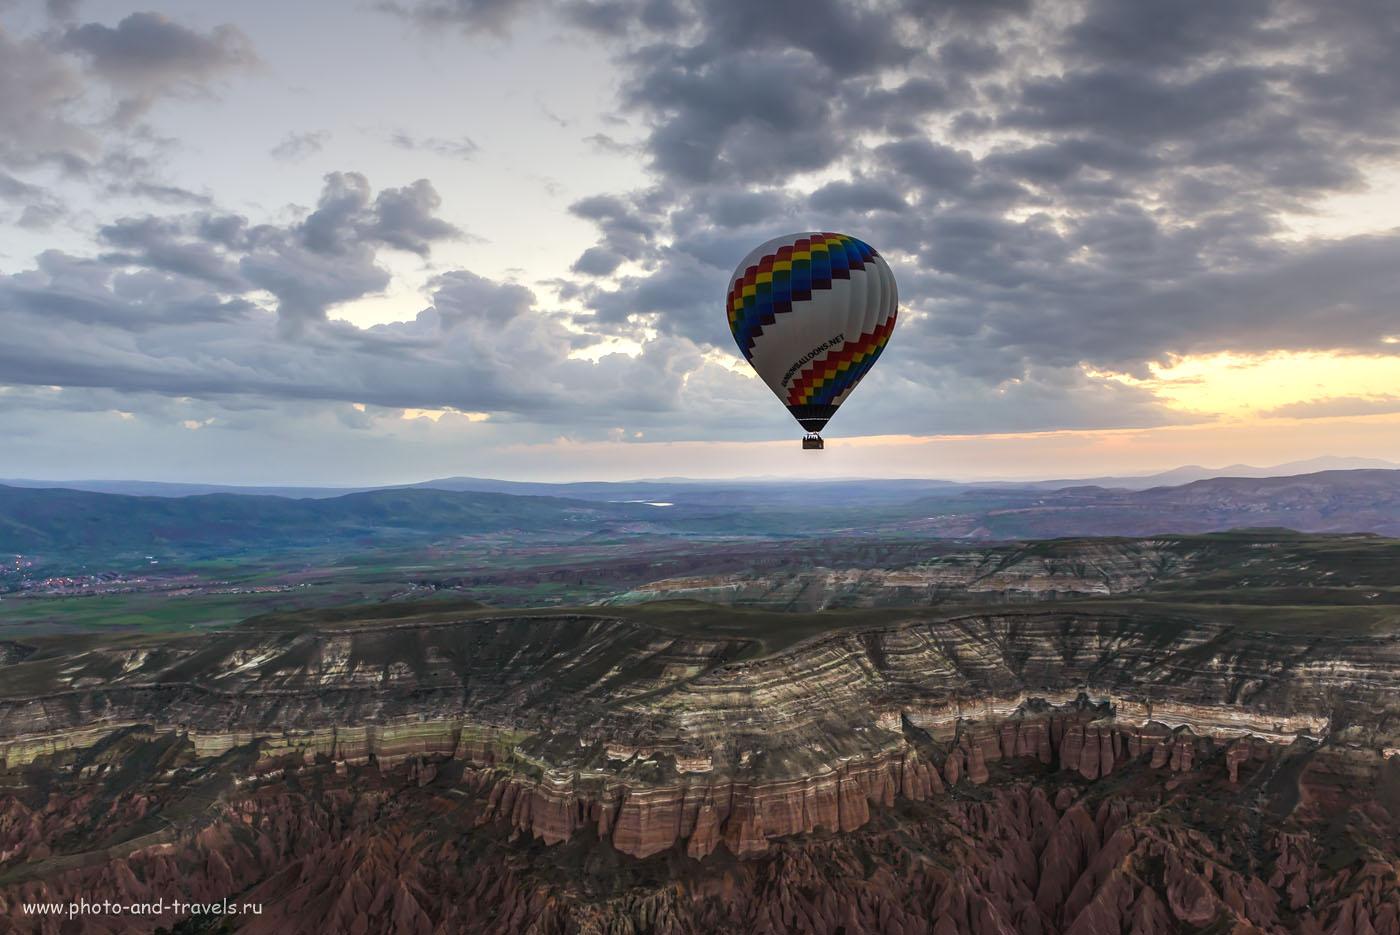 Фотография 22. Как мы летали на воздушном шаре в Каппадокии. Отдых в Турции 2016. 1/50, -1.67, 8.0, 640, 24. Тонмаппинг.